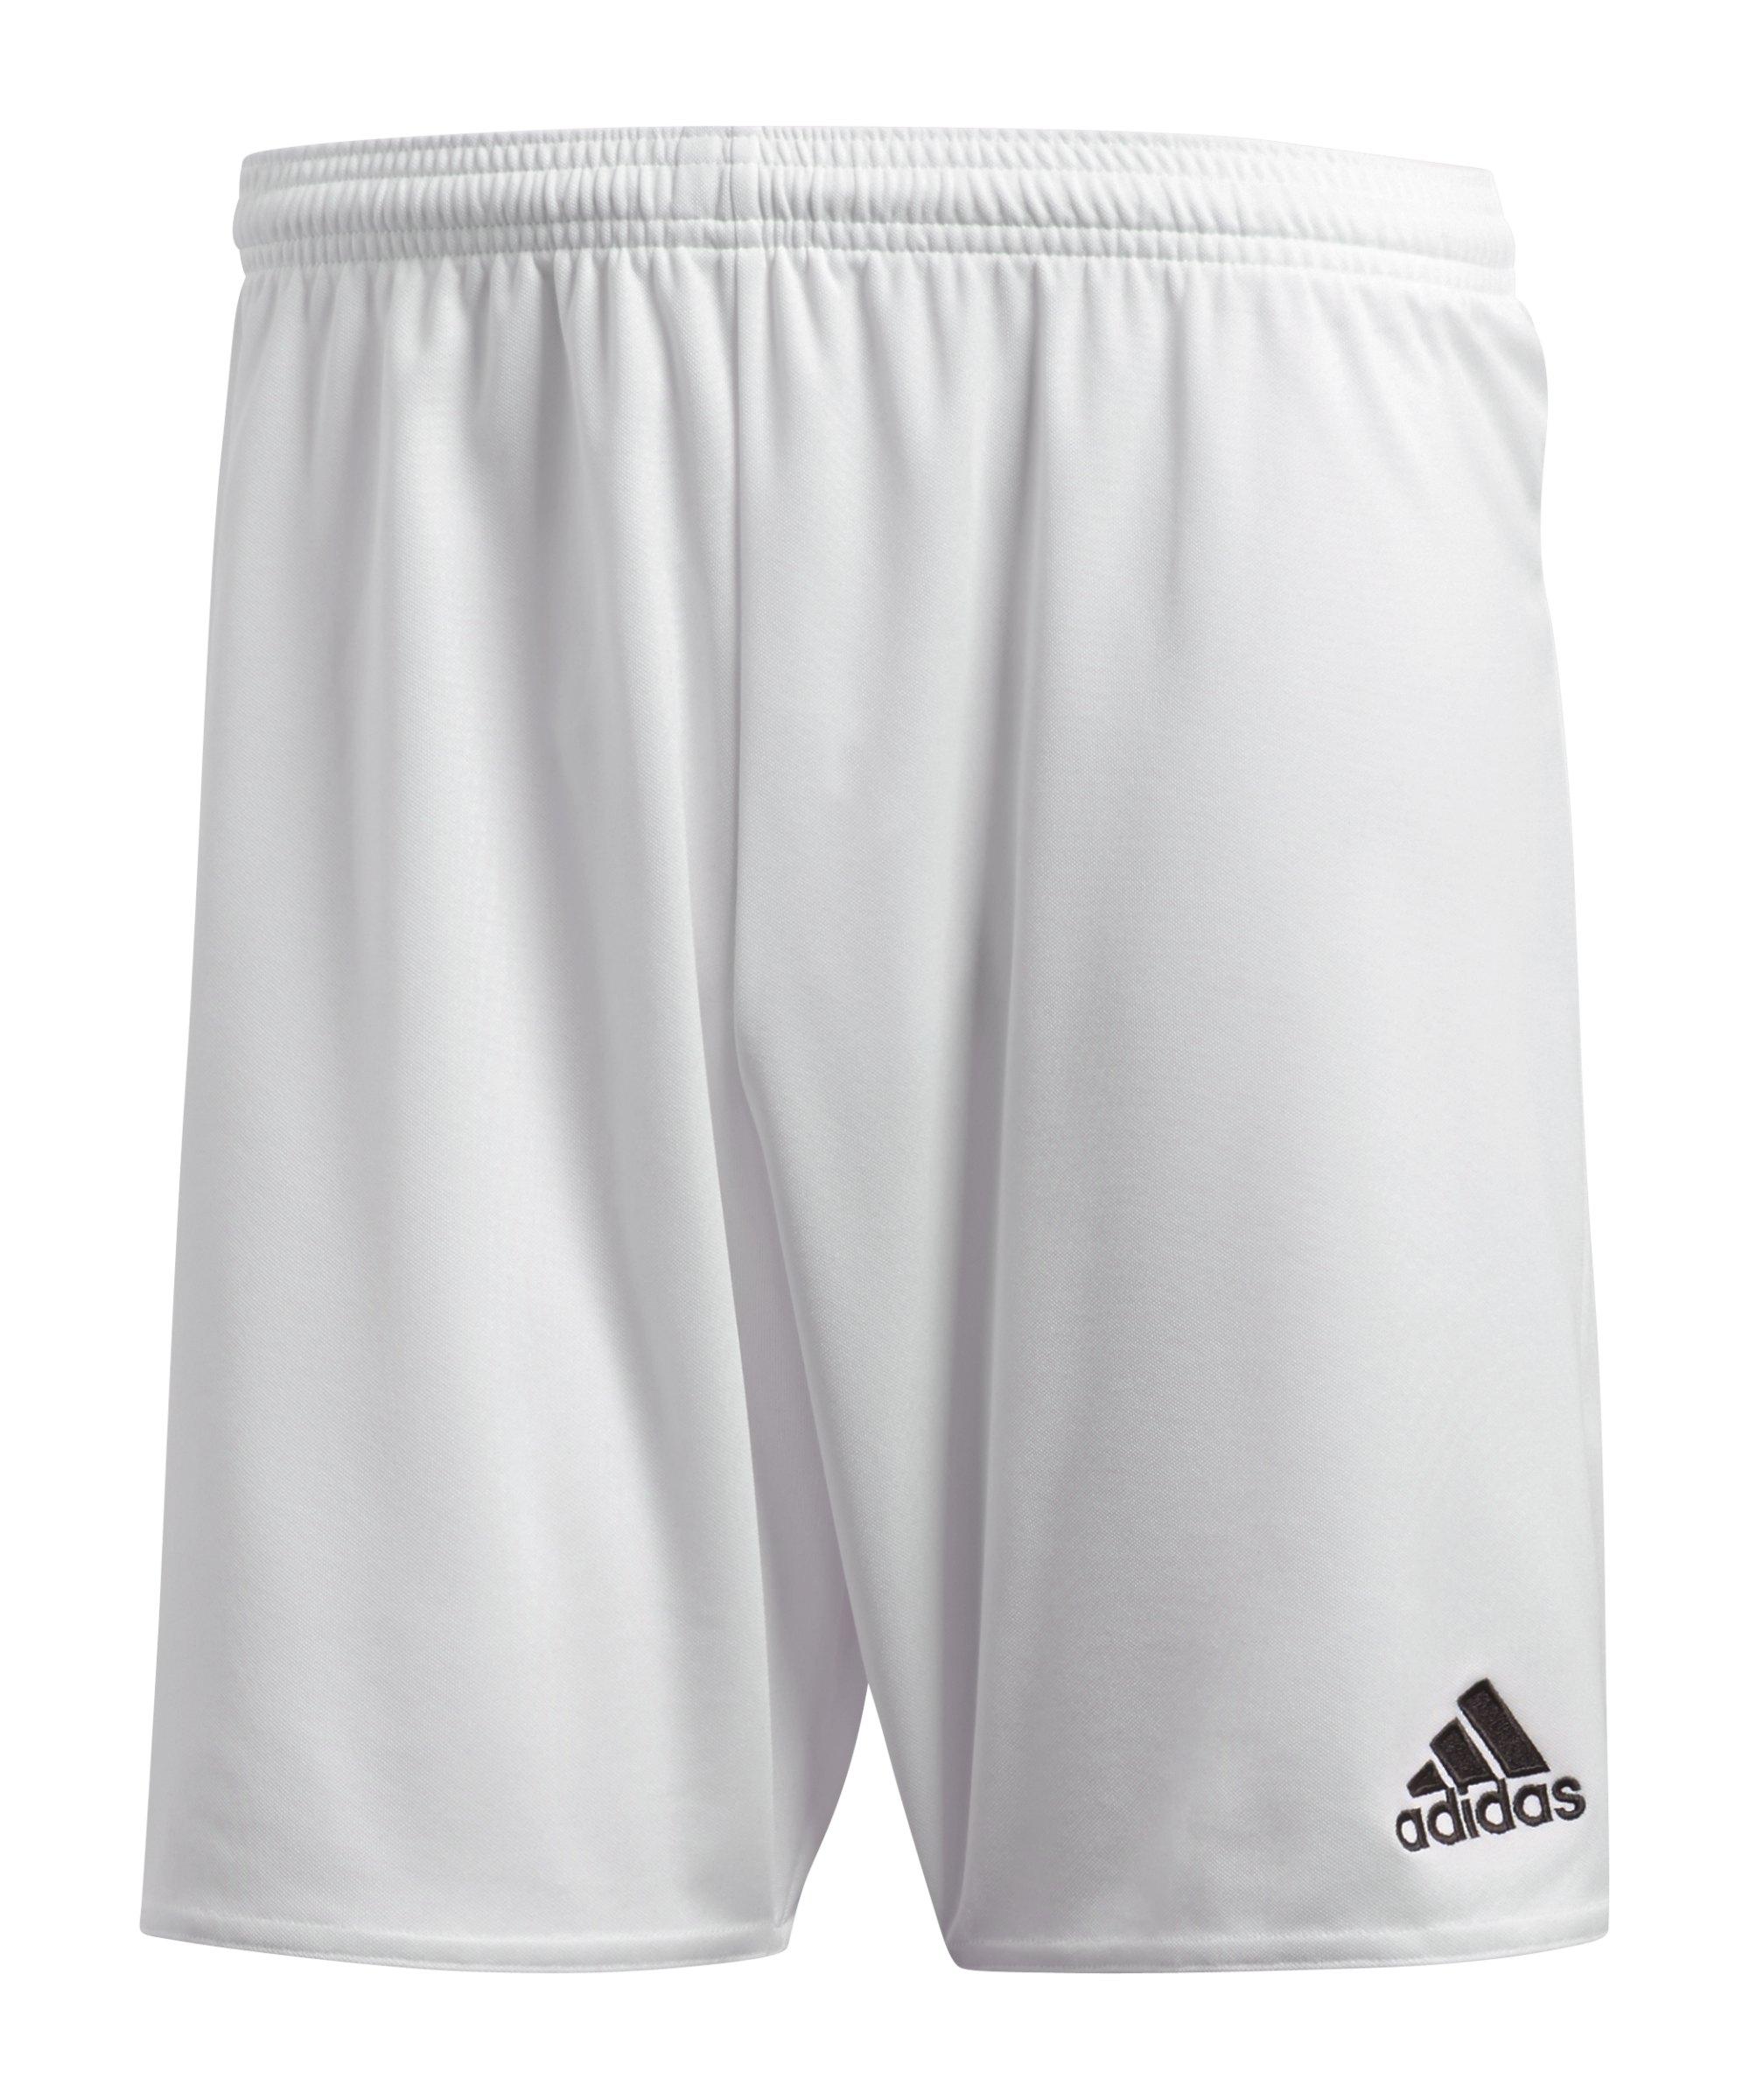 adidas Short ohne Innenslip Parma 16 Kinder Weiss - weiss